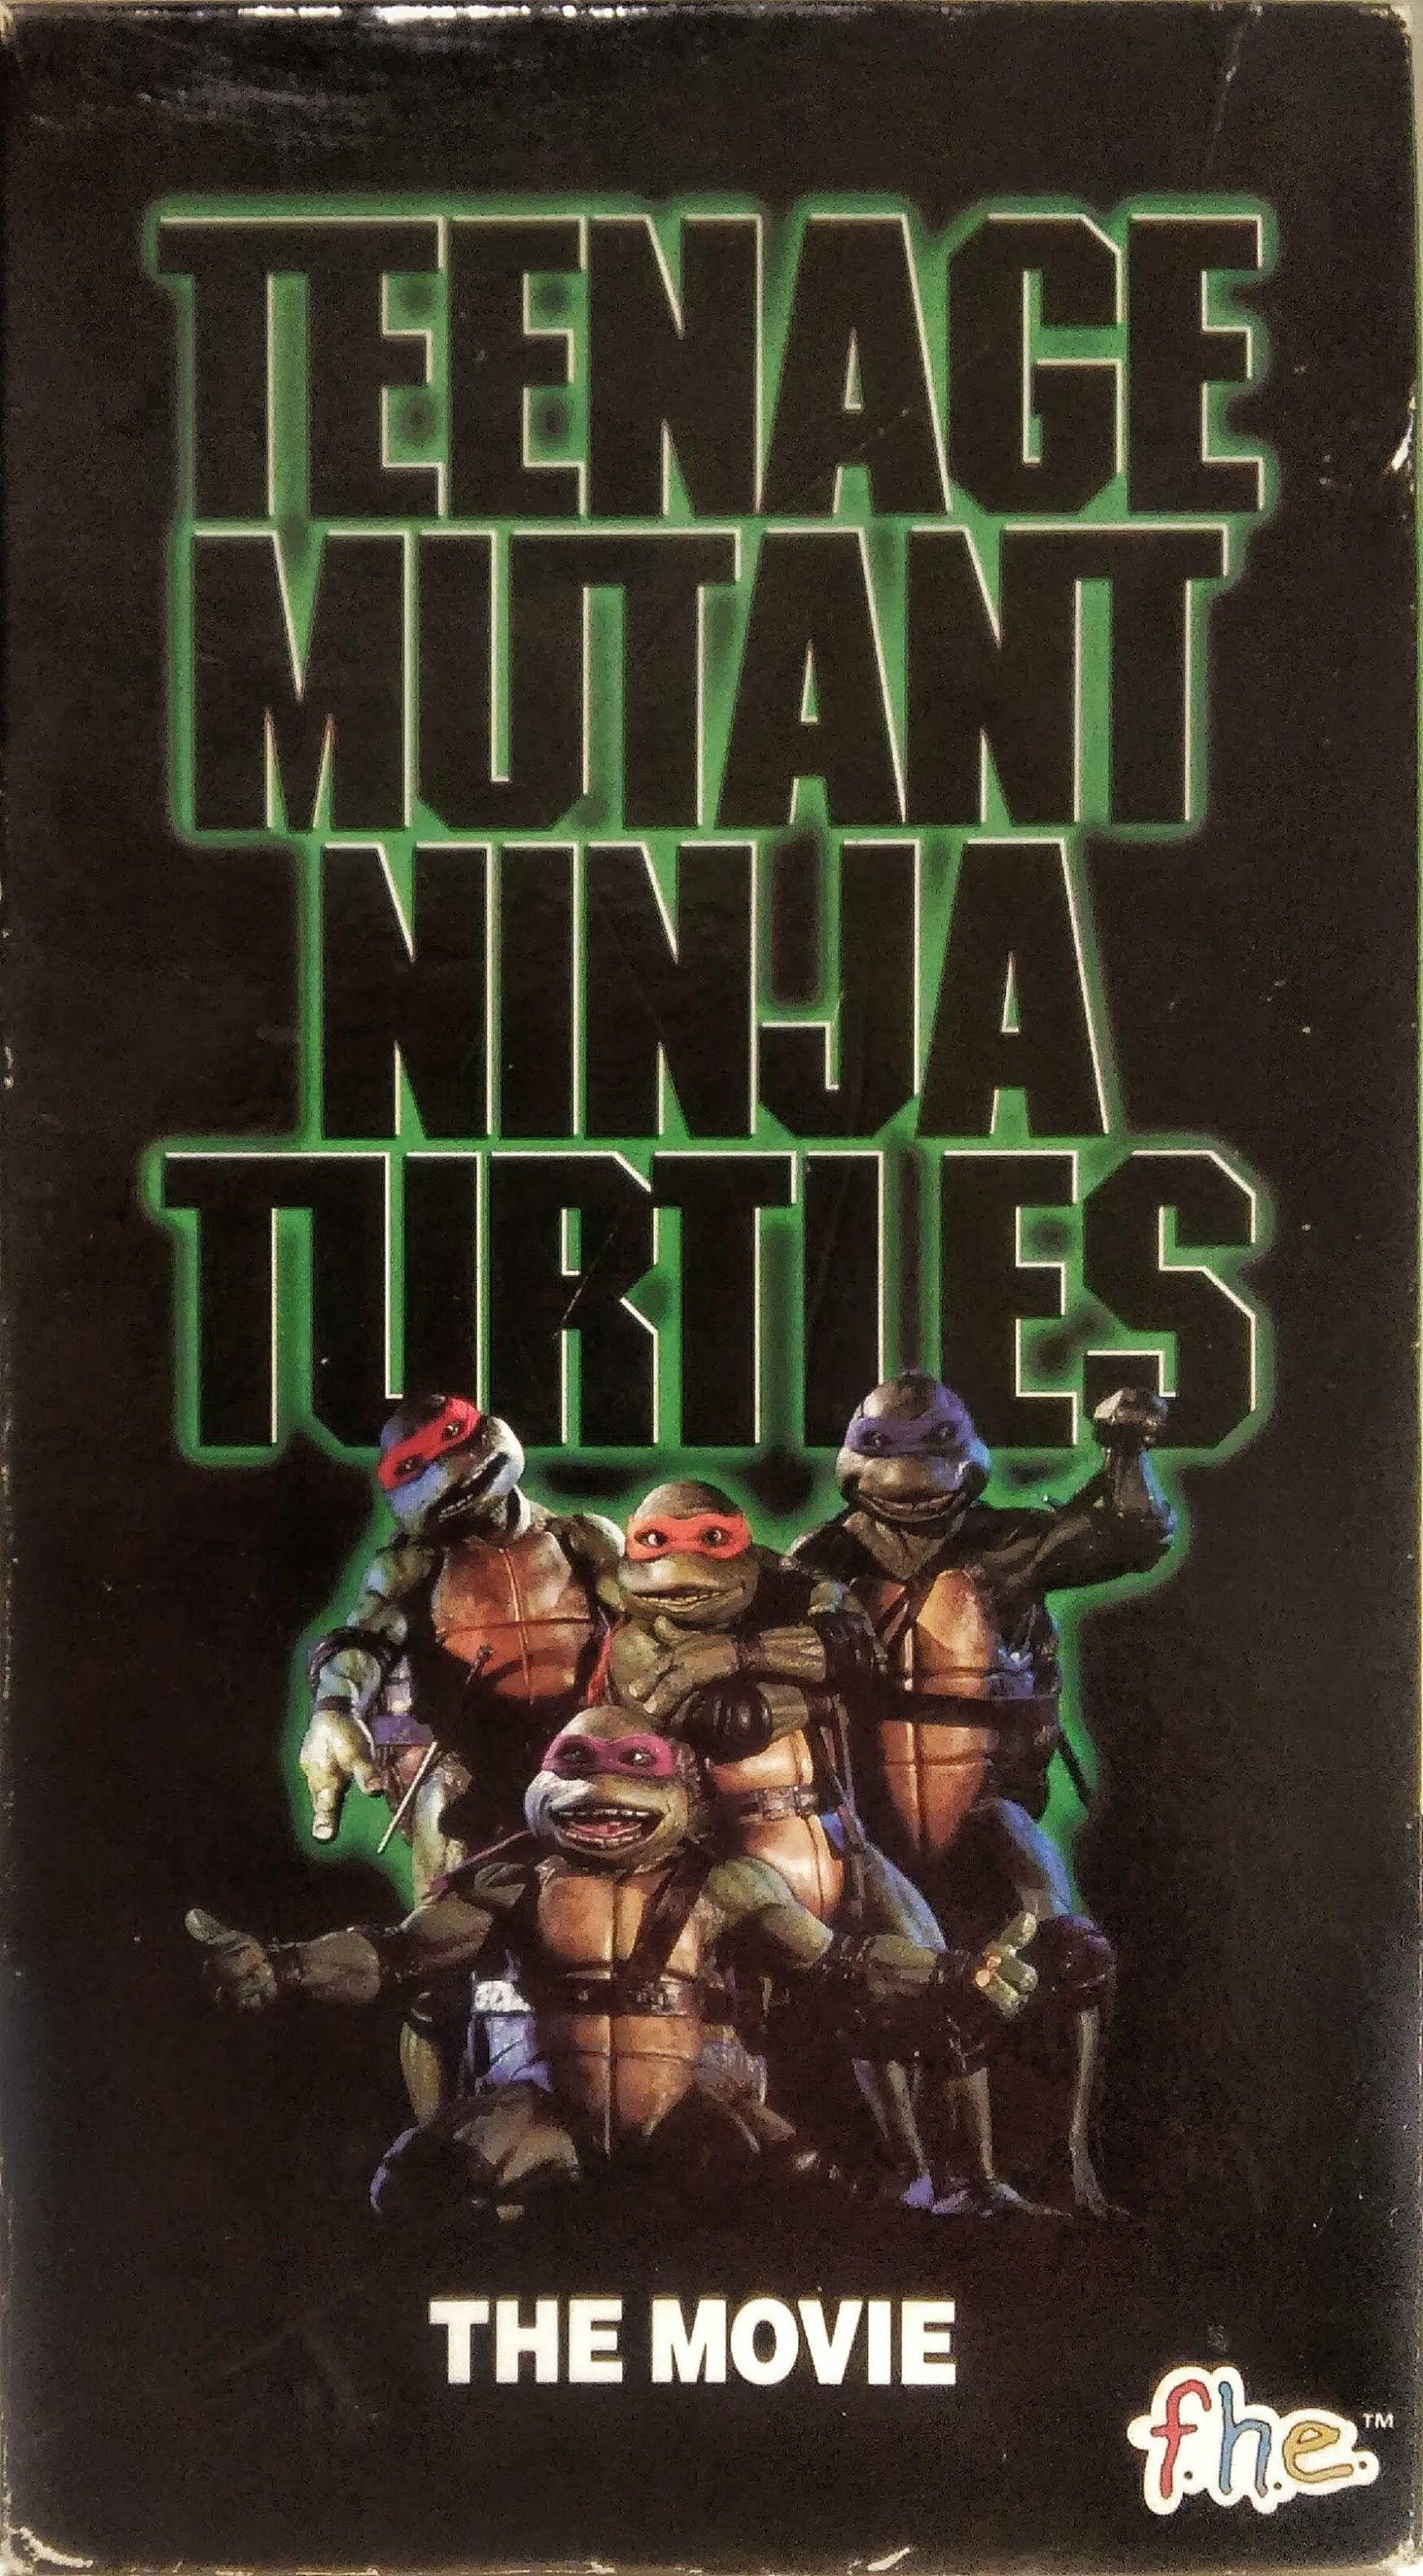 Teenage Mutant Ninja Turtles The Movie Vhs 10 4 90 Ninja Turtles Movie Teenage Mutant Ninja Turtles Movie Tmnt Movie